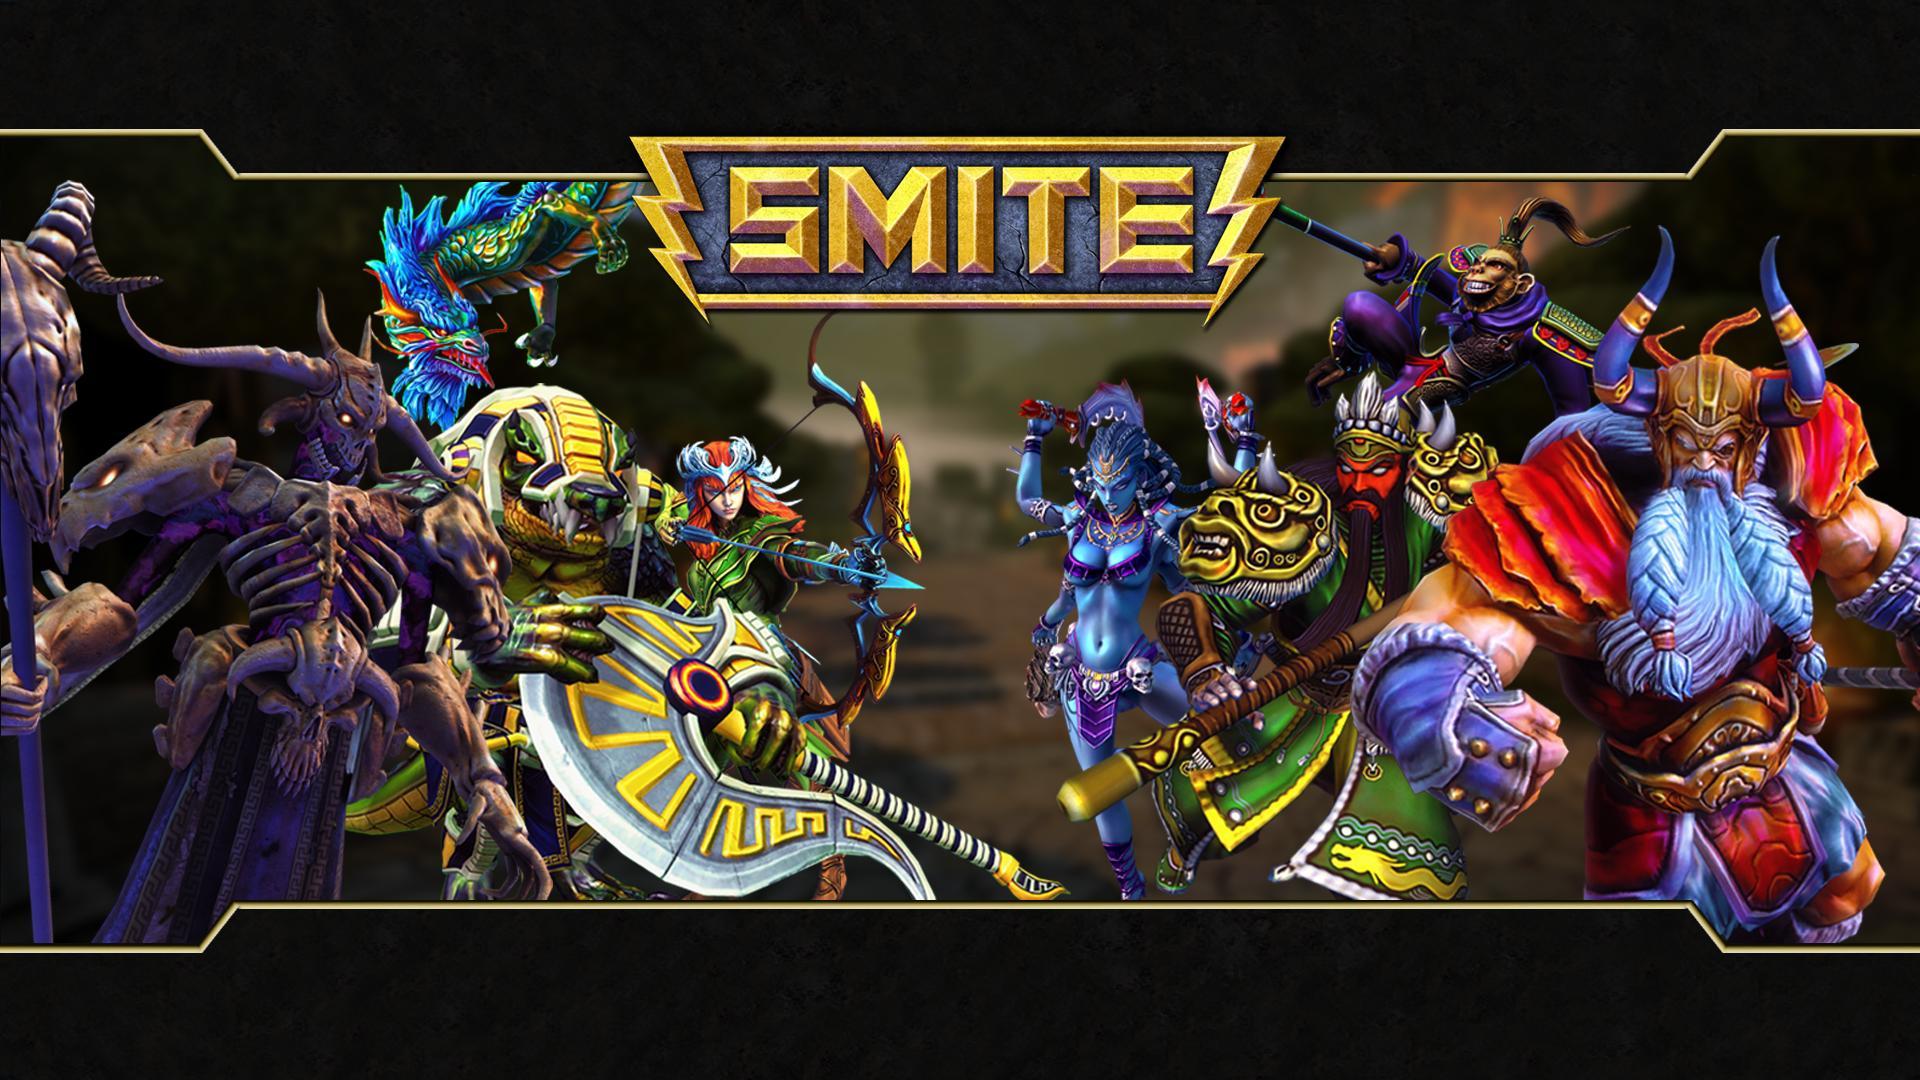 smite online xbox one